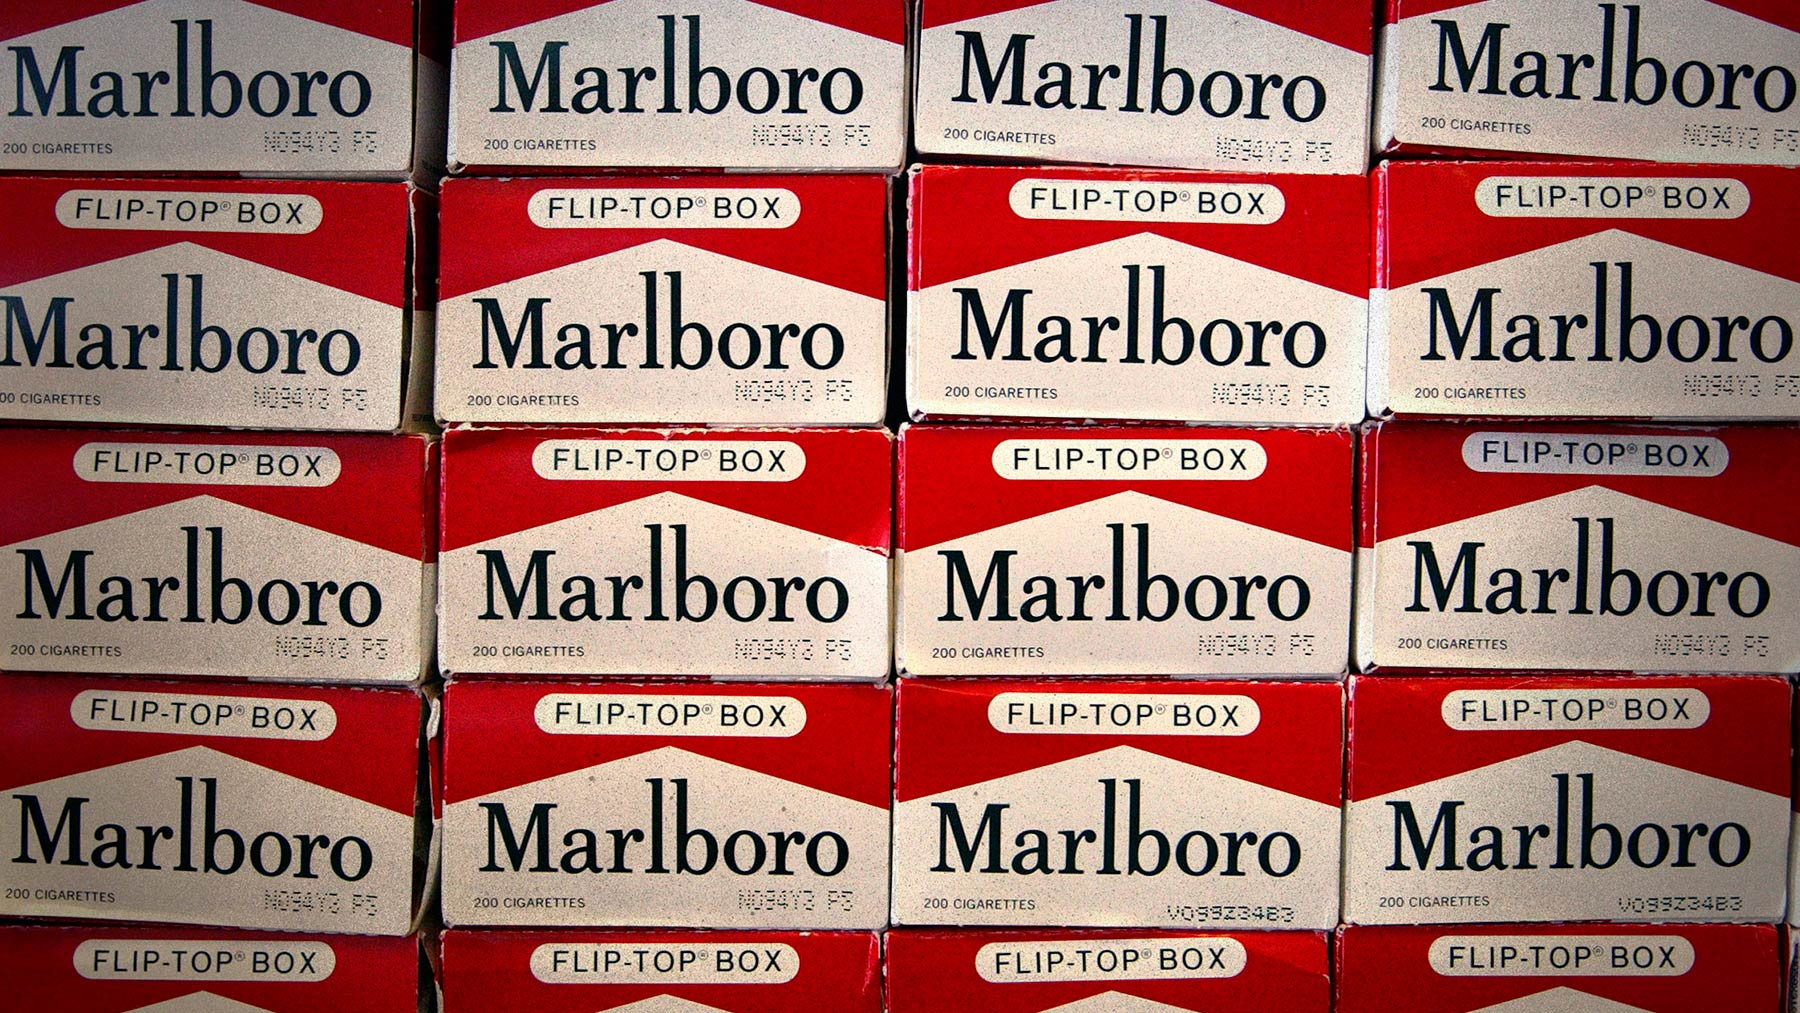 Paquetes de Marlboro.